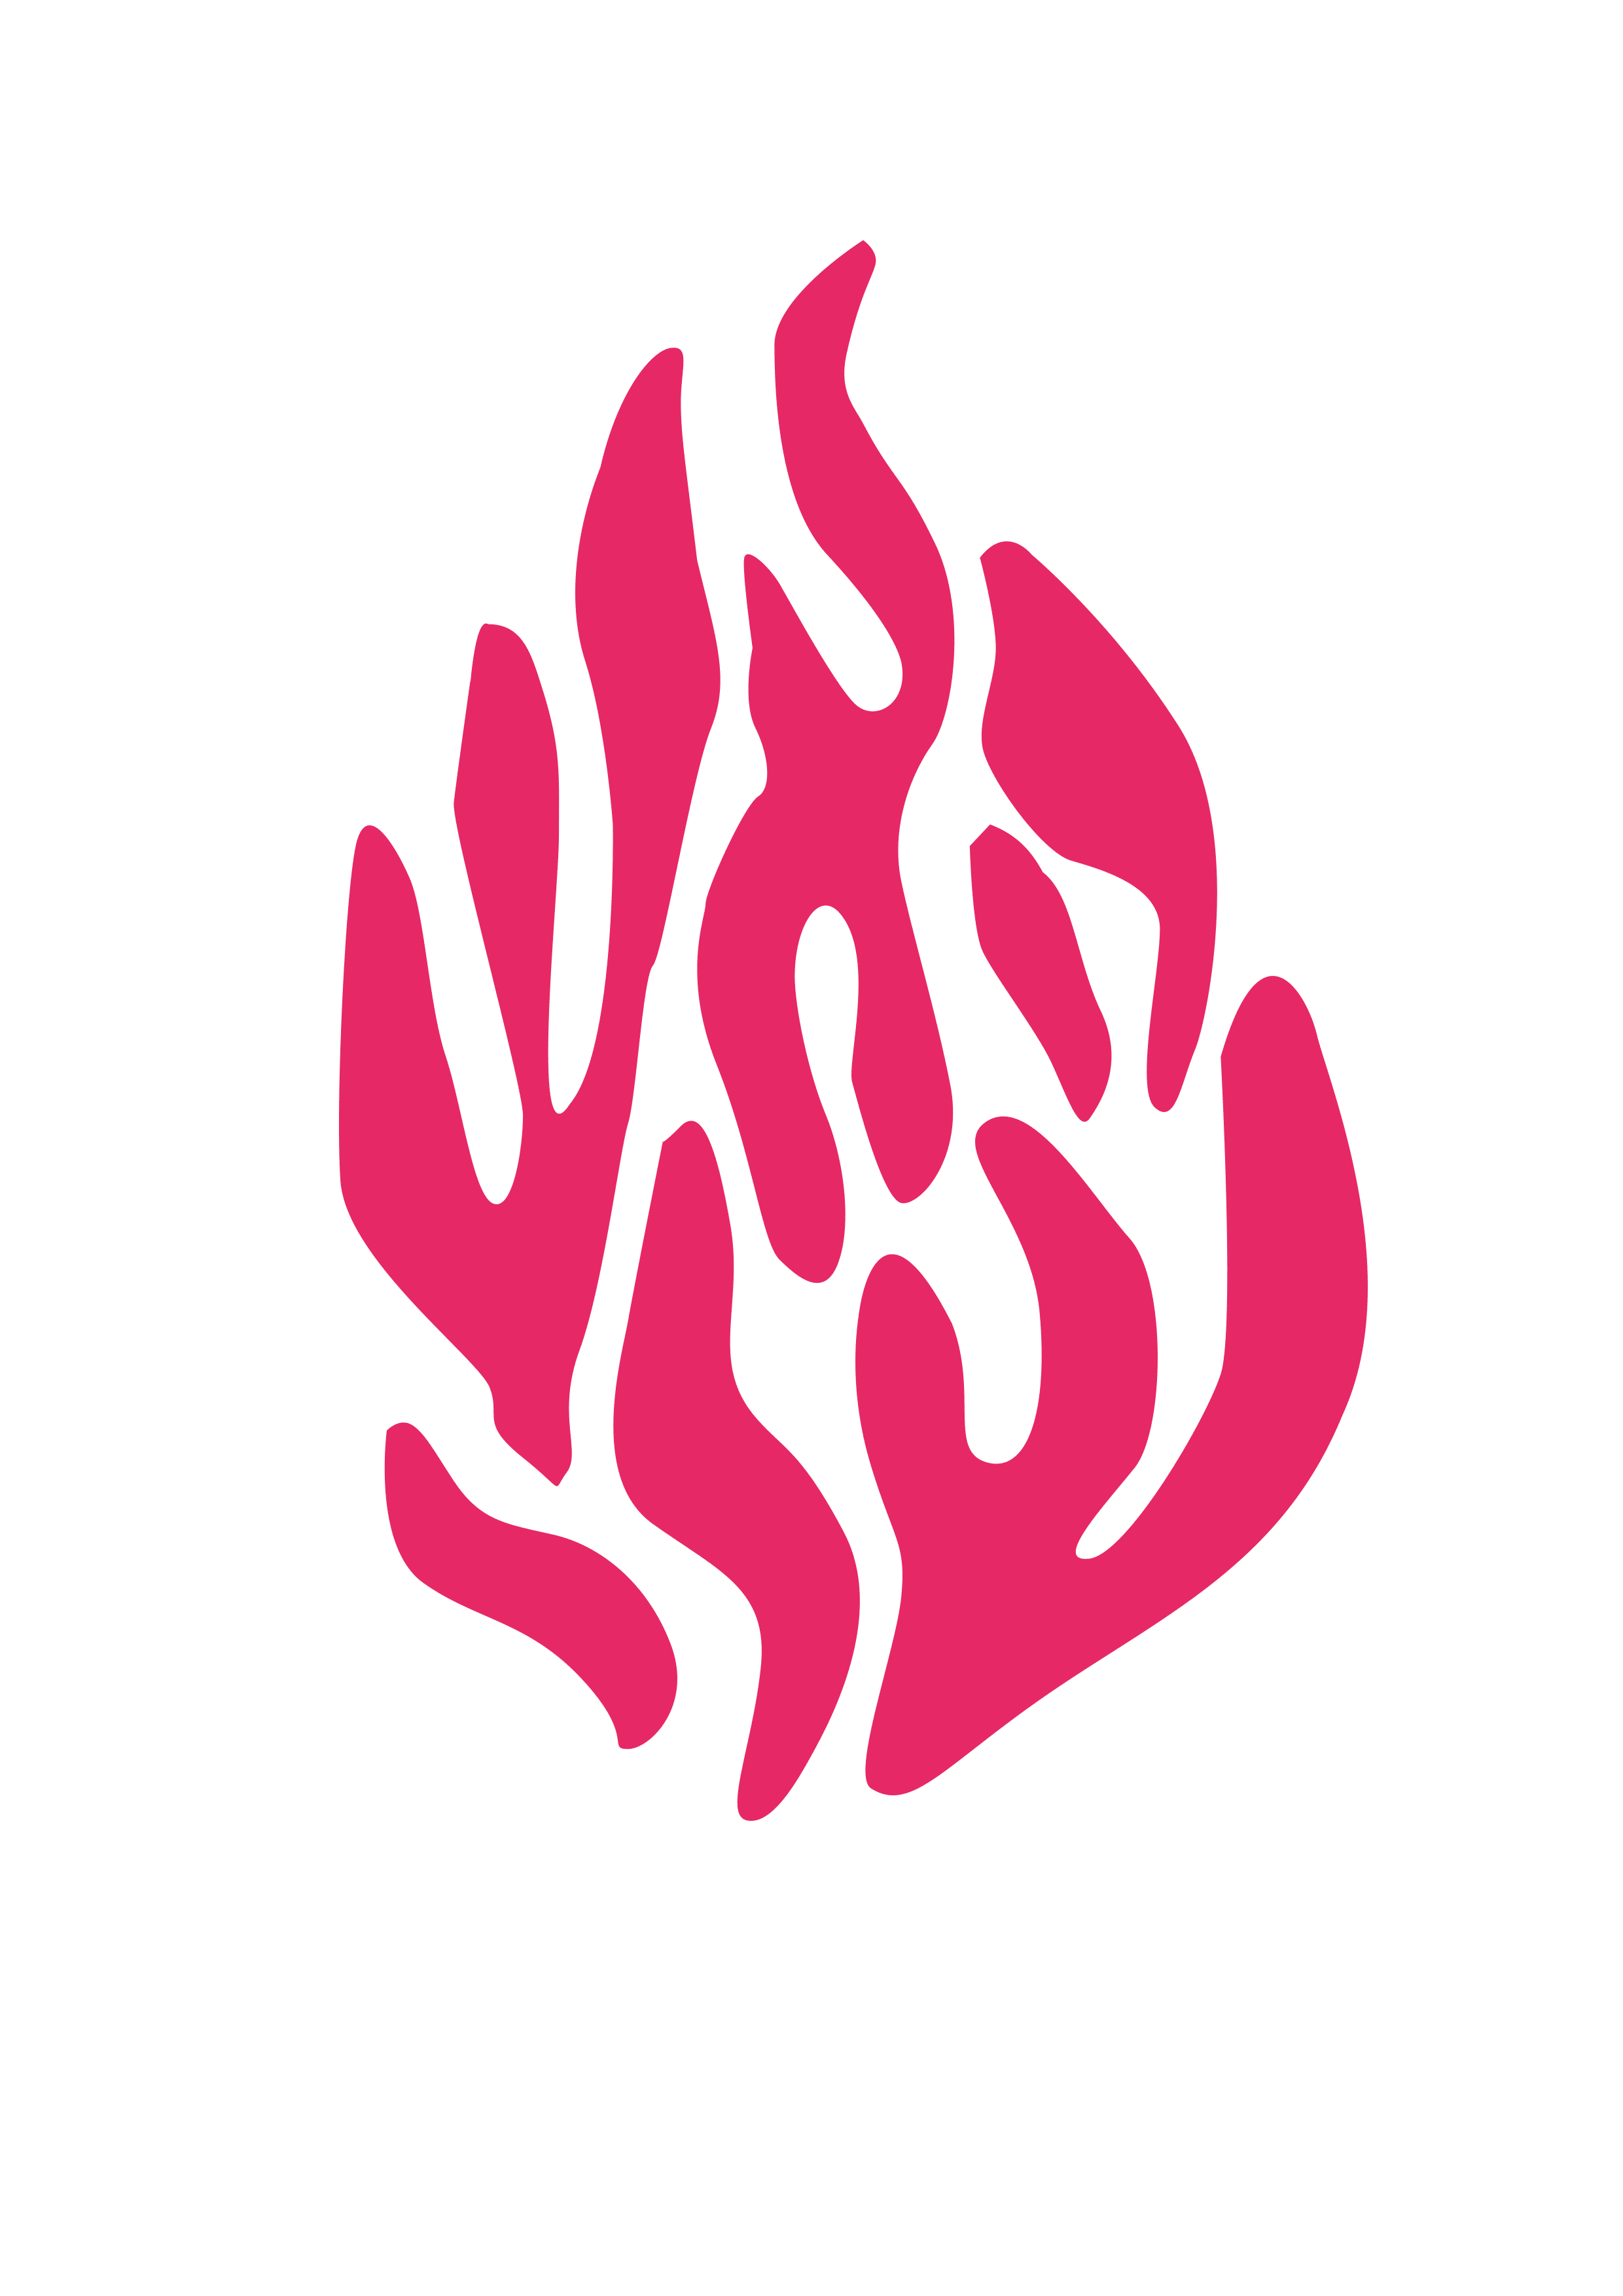 לוגו האש שלי אהובה ארד